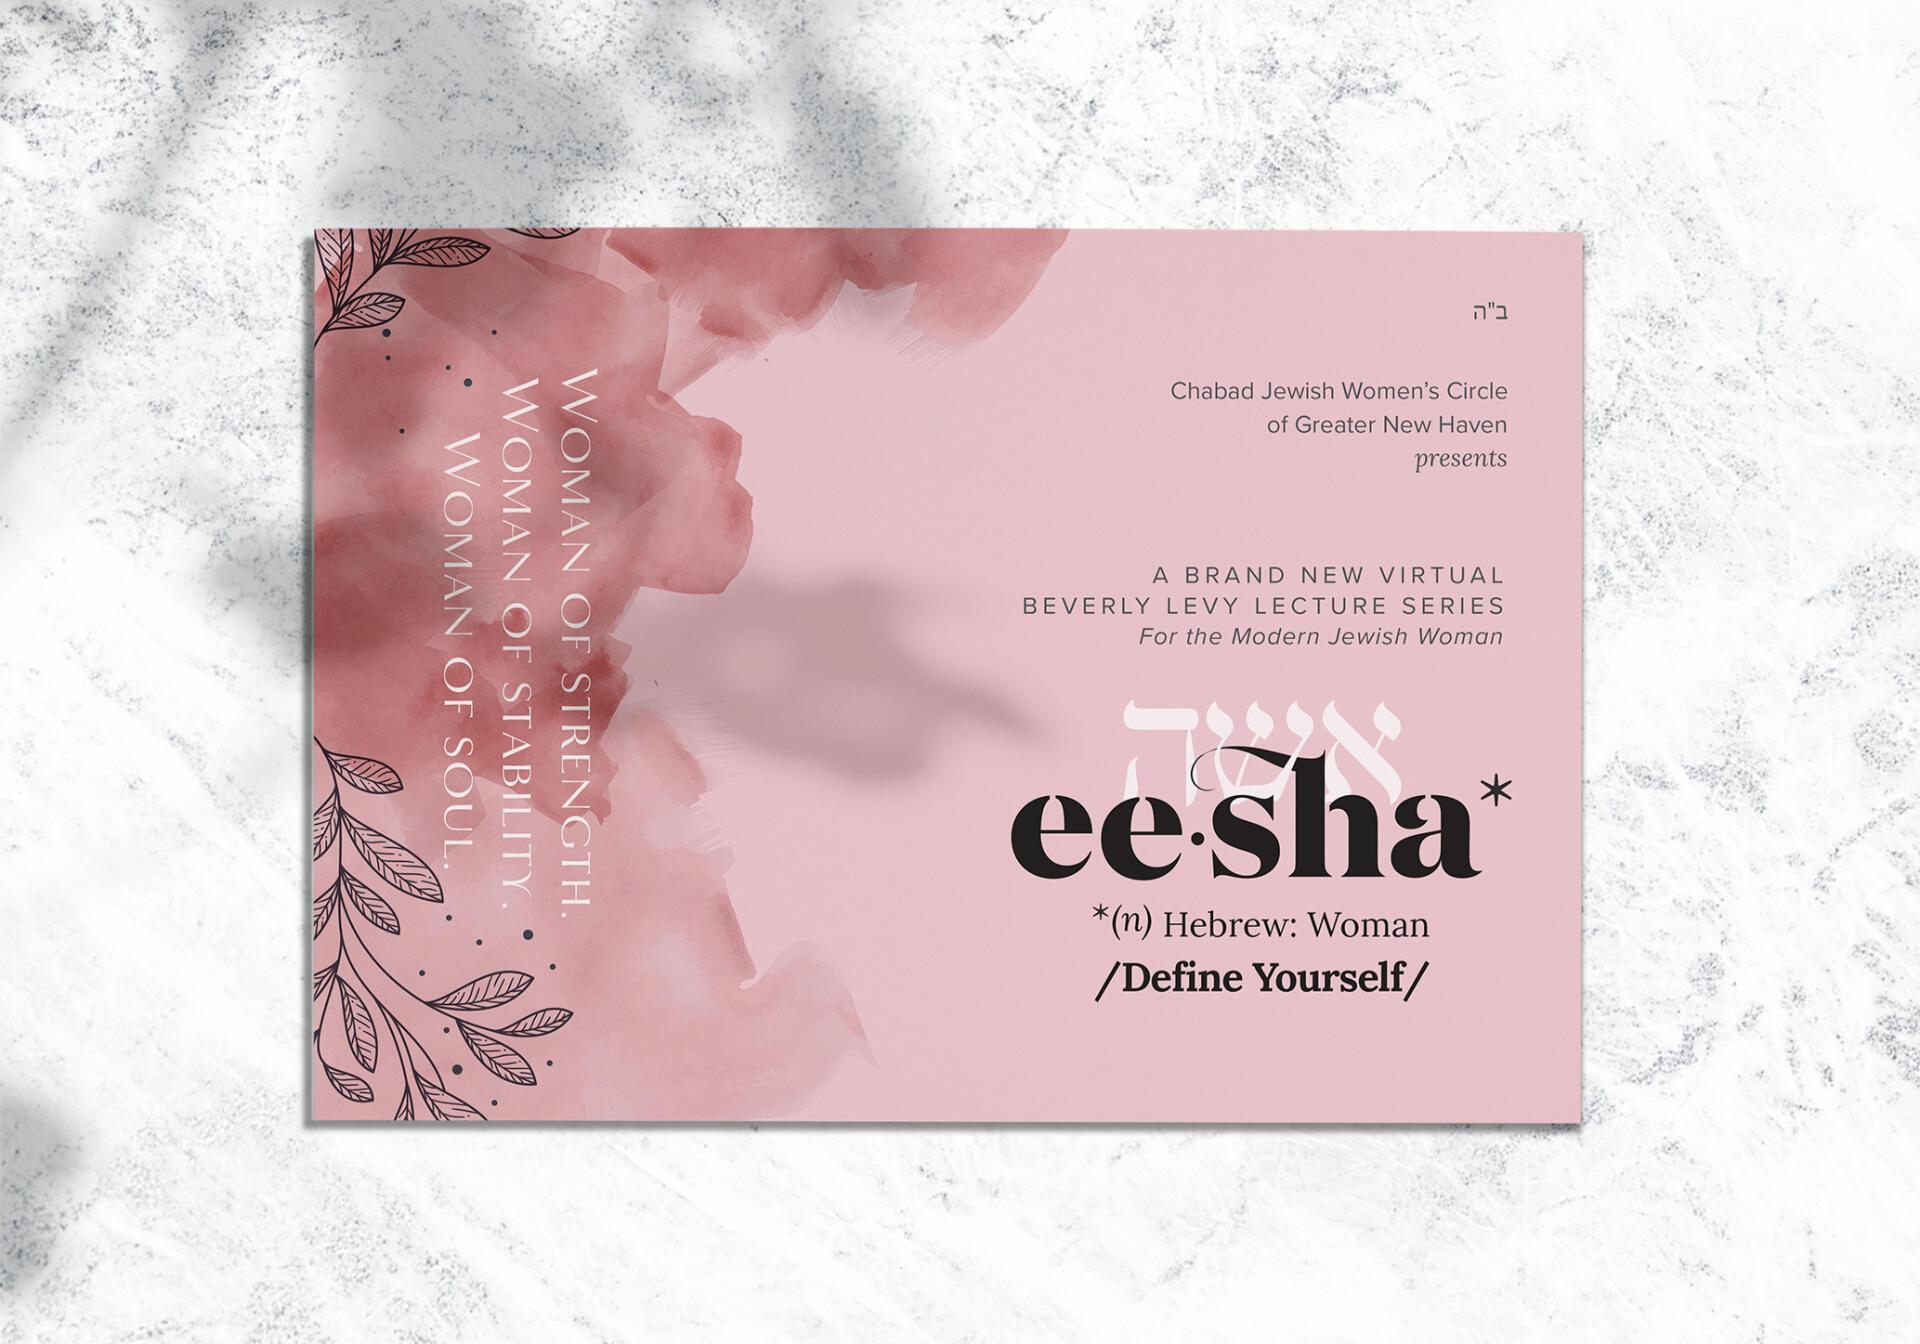 eesha - The Jewish Woman